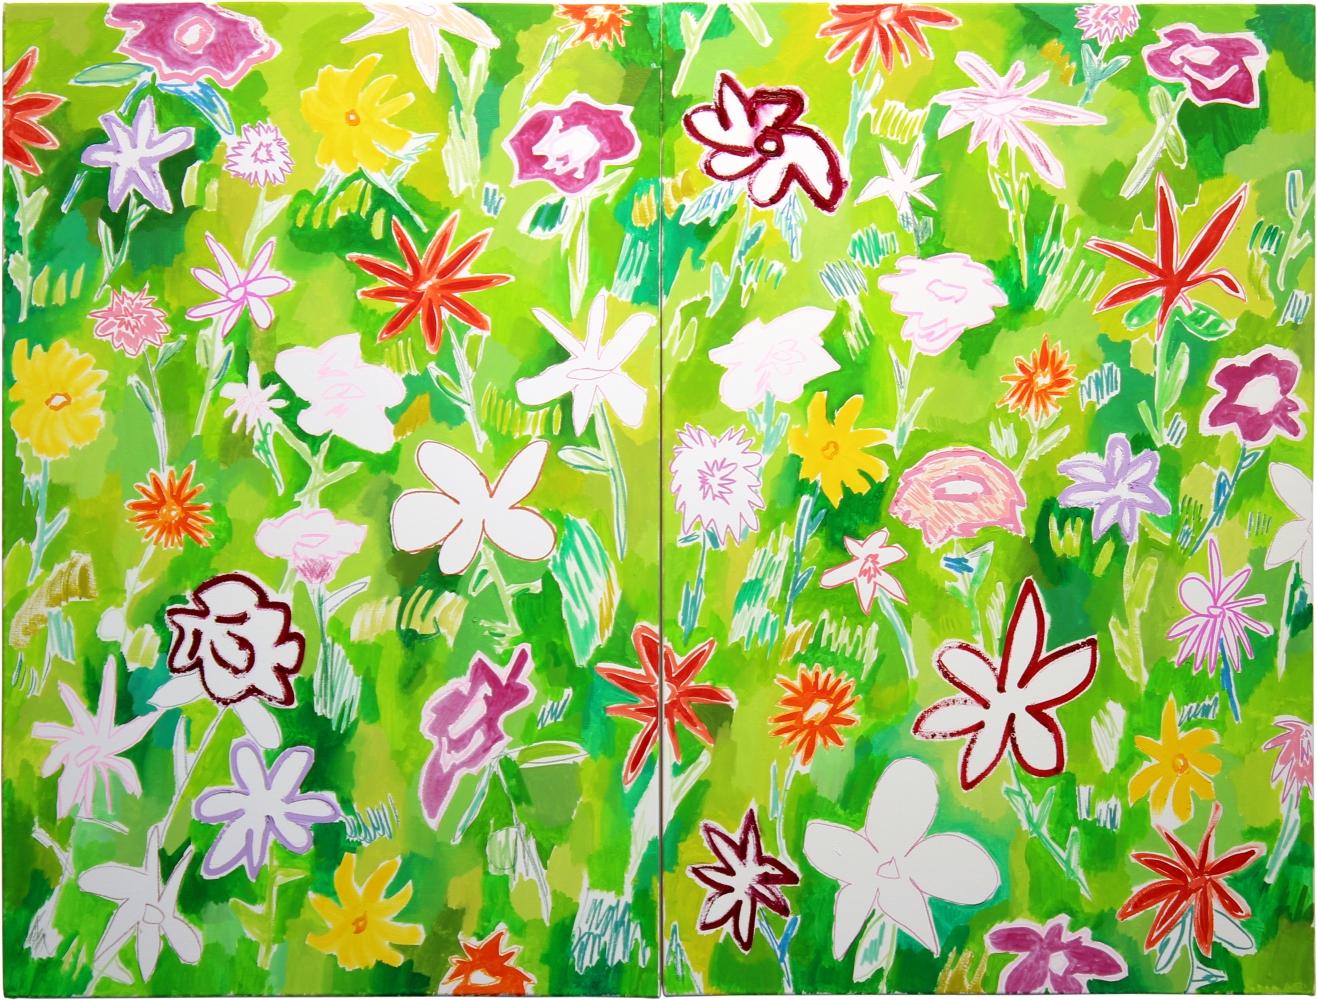 Cody Gunningham, Wildflowers (2), 2016